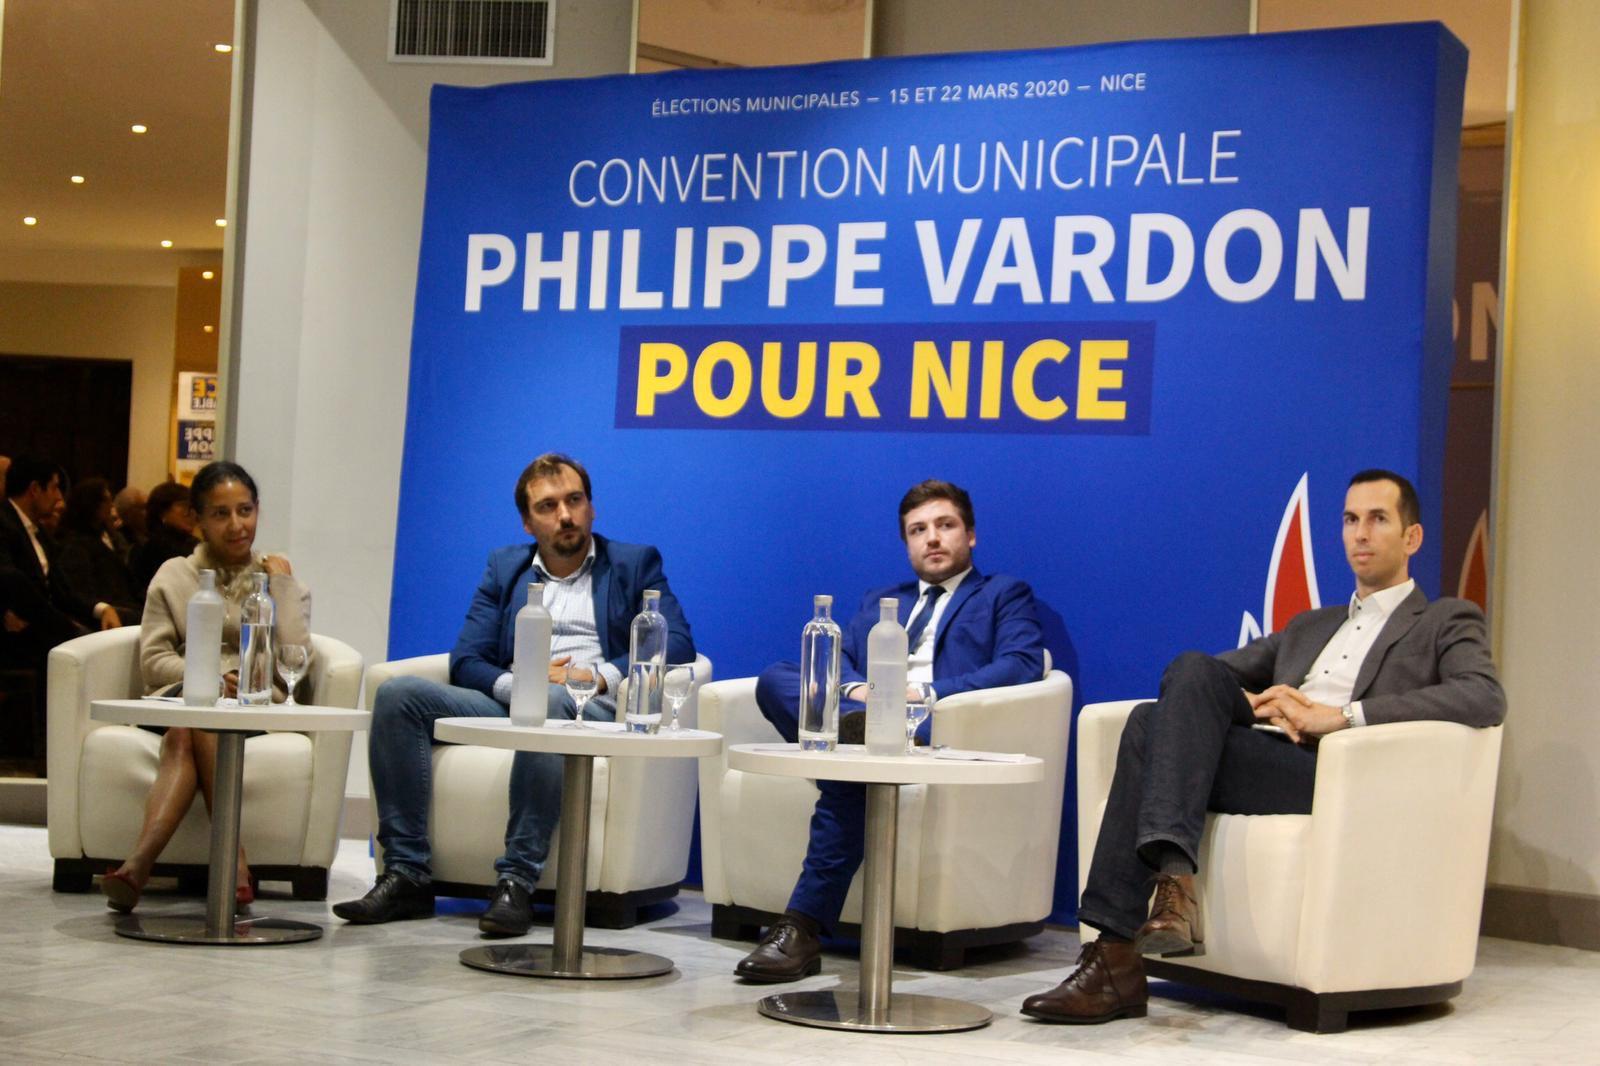 Transports, environnement: Philippe Vardon (RN) livre ses premières propositions